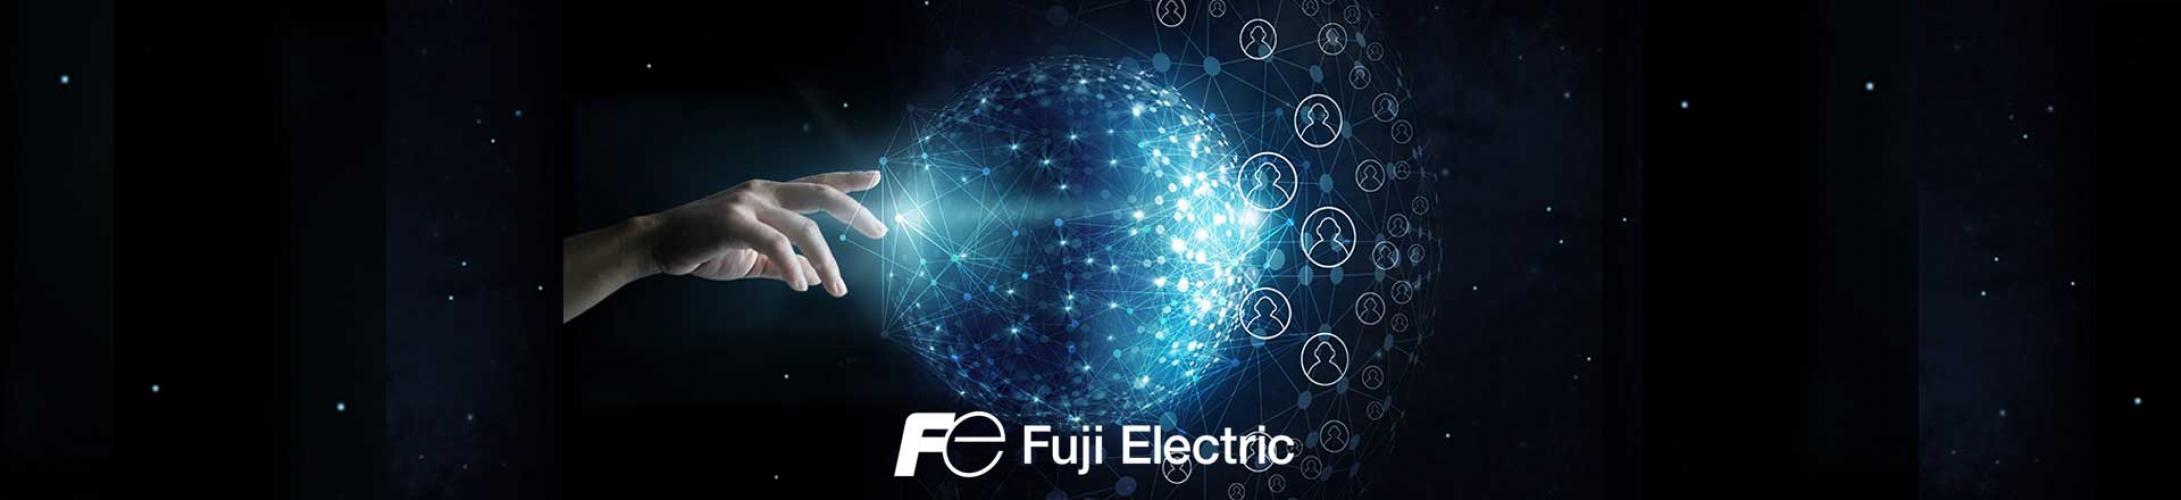 IGBT-модули Fuji Electric 7-го поколения: серия Х